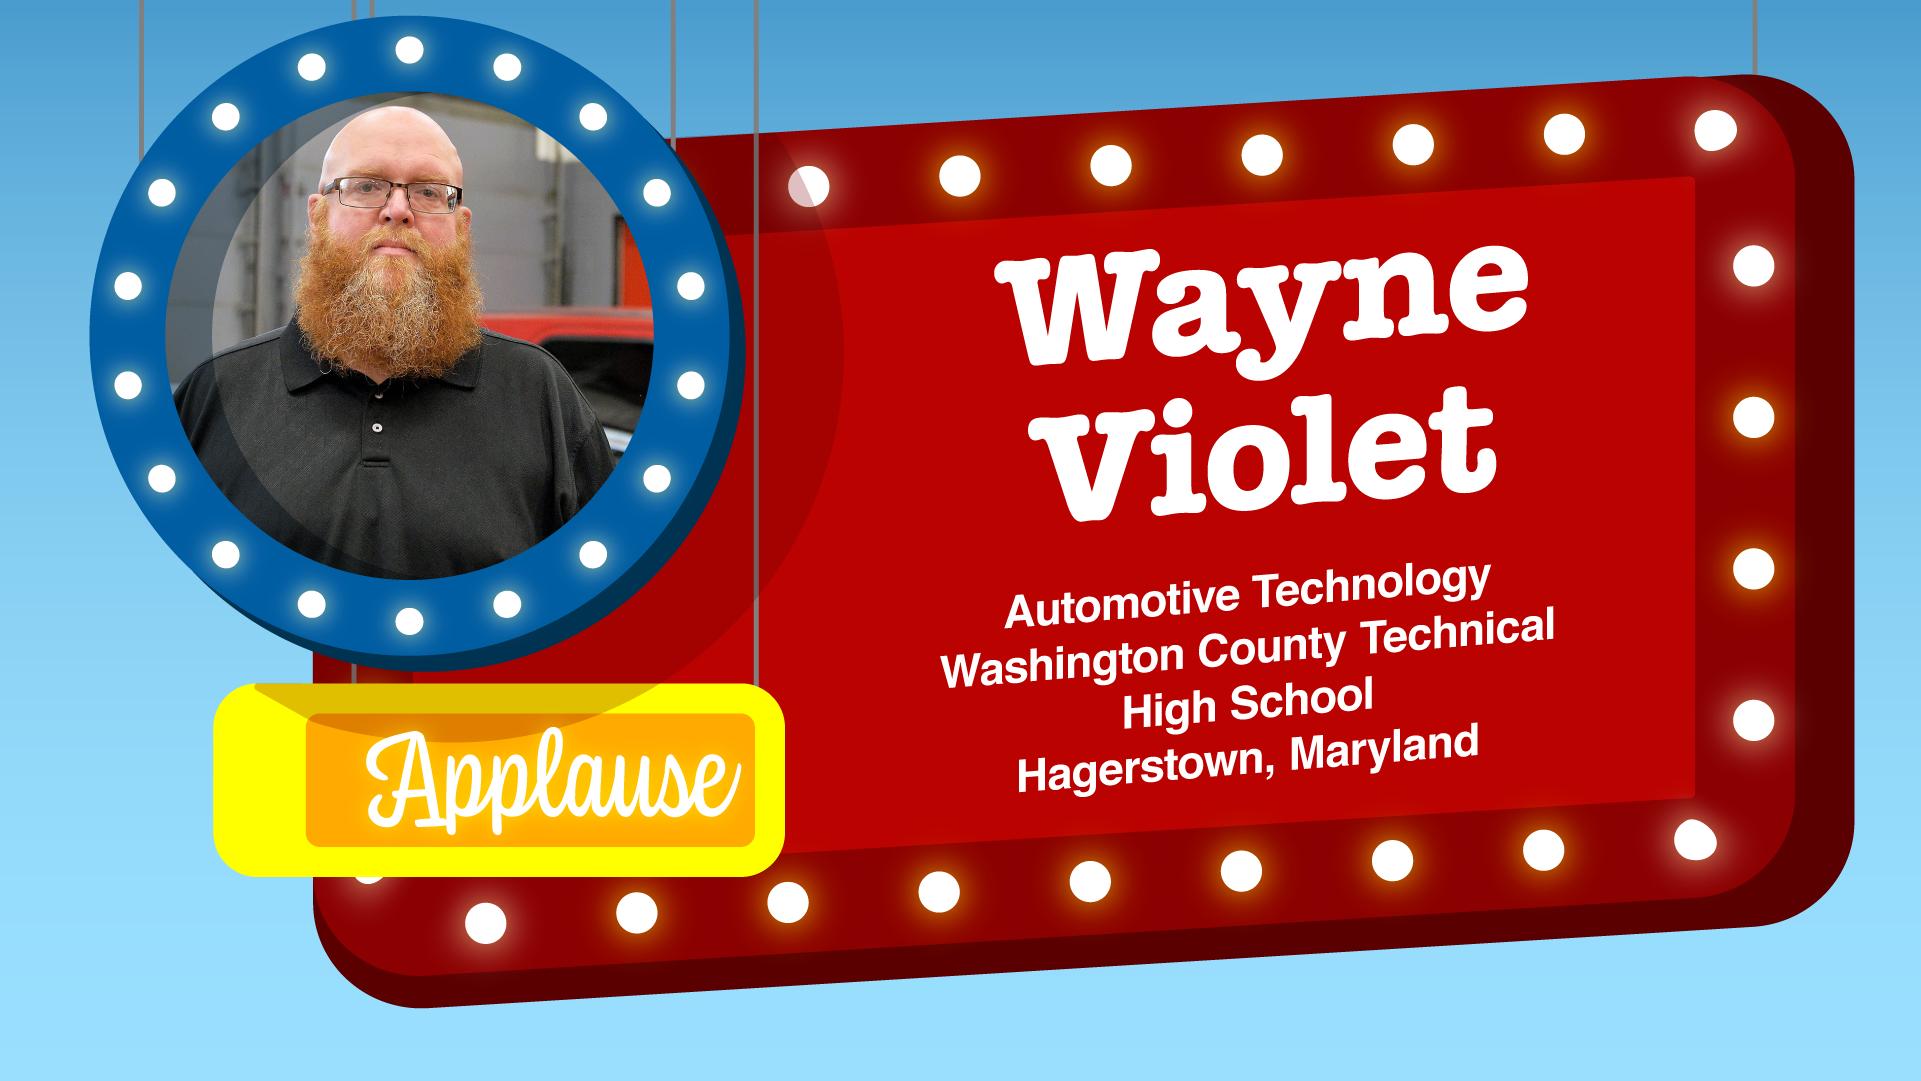 Wayne Violet